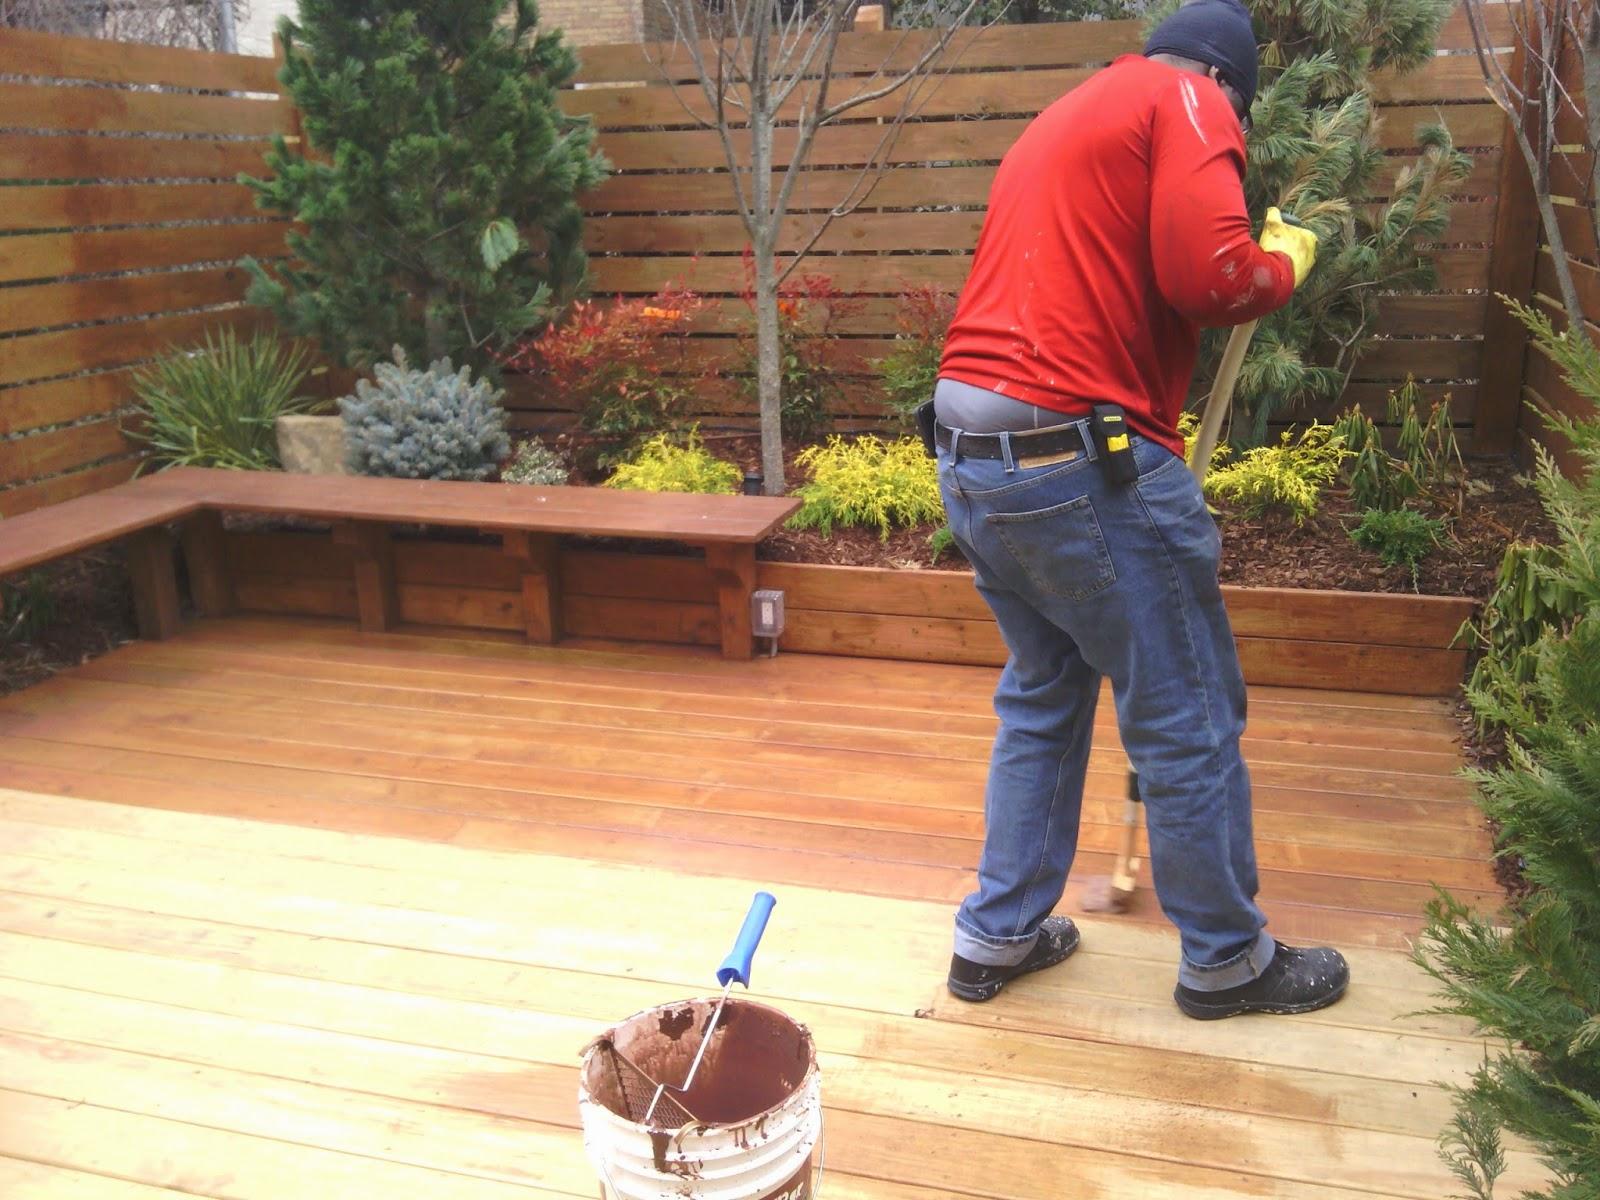 Manhattan rooftop gardeners new york plantings garden for Gardening contractors